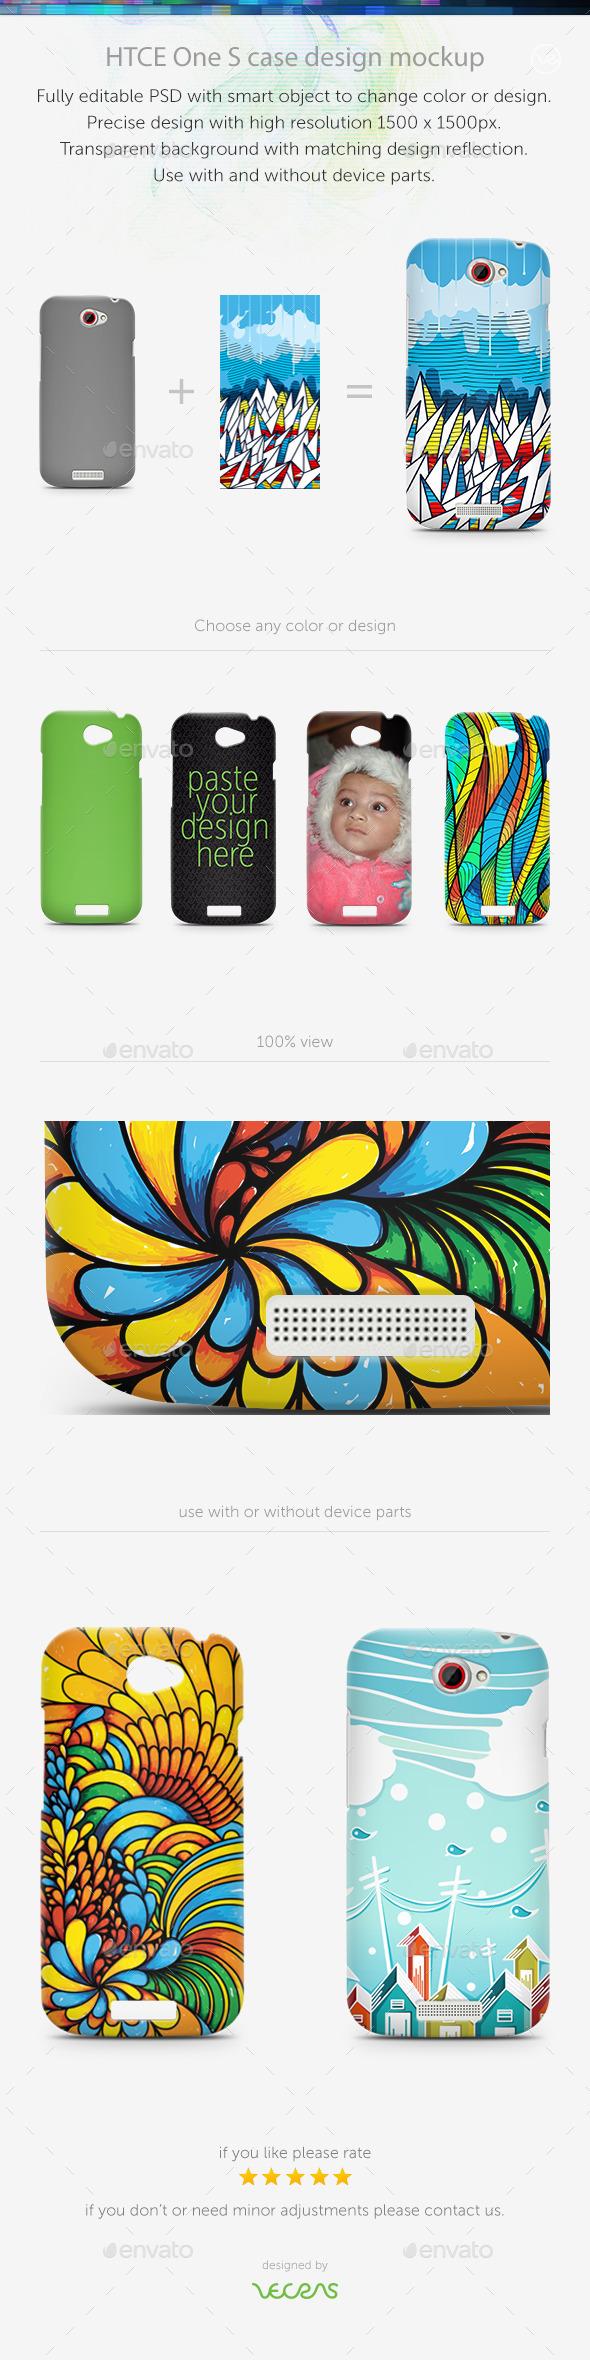 HTCE One S Case Design Mockup - Mobile Displays